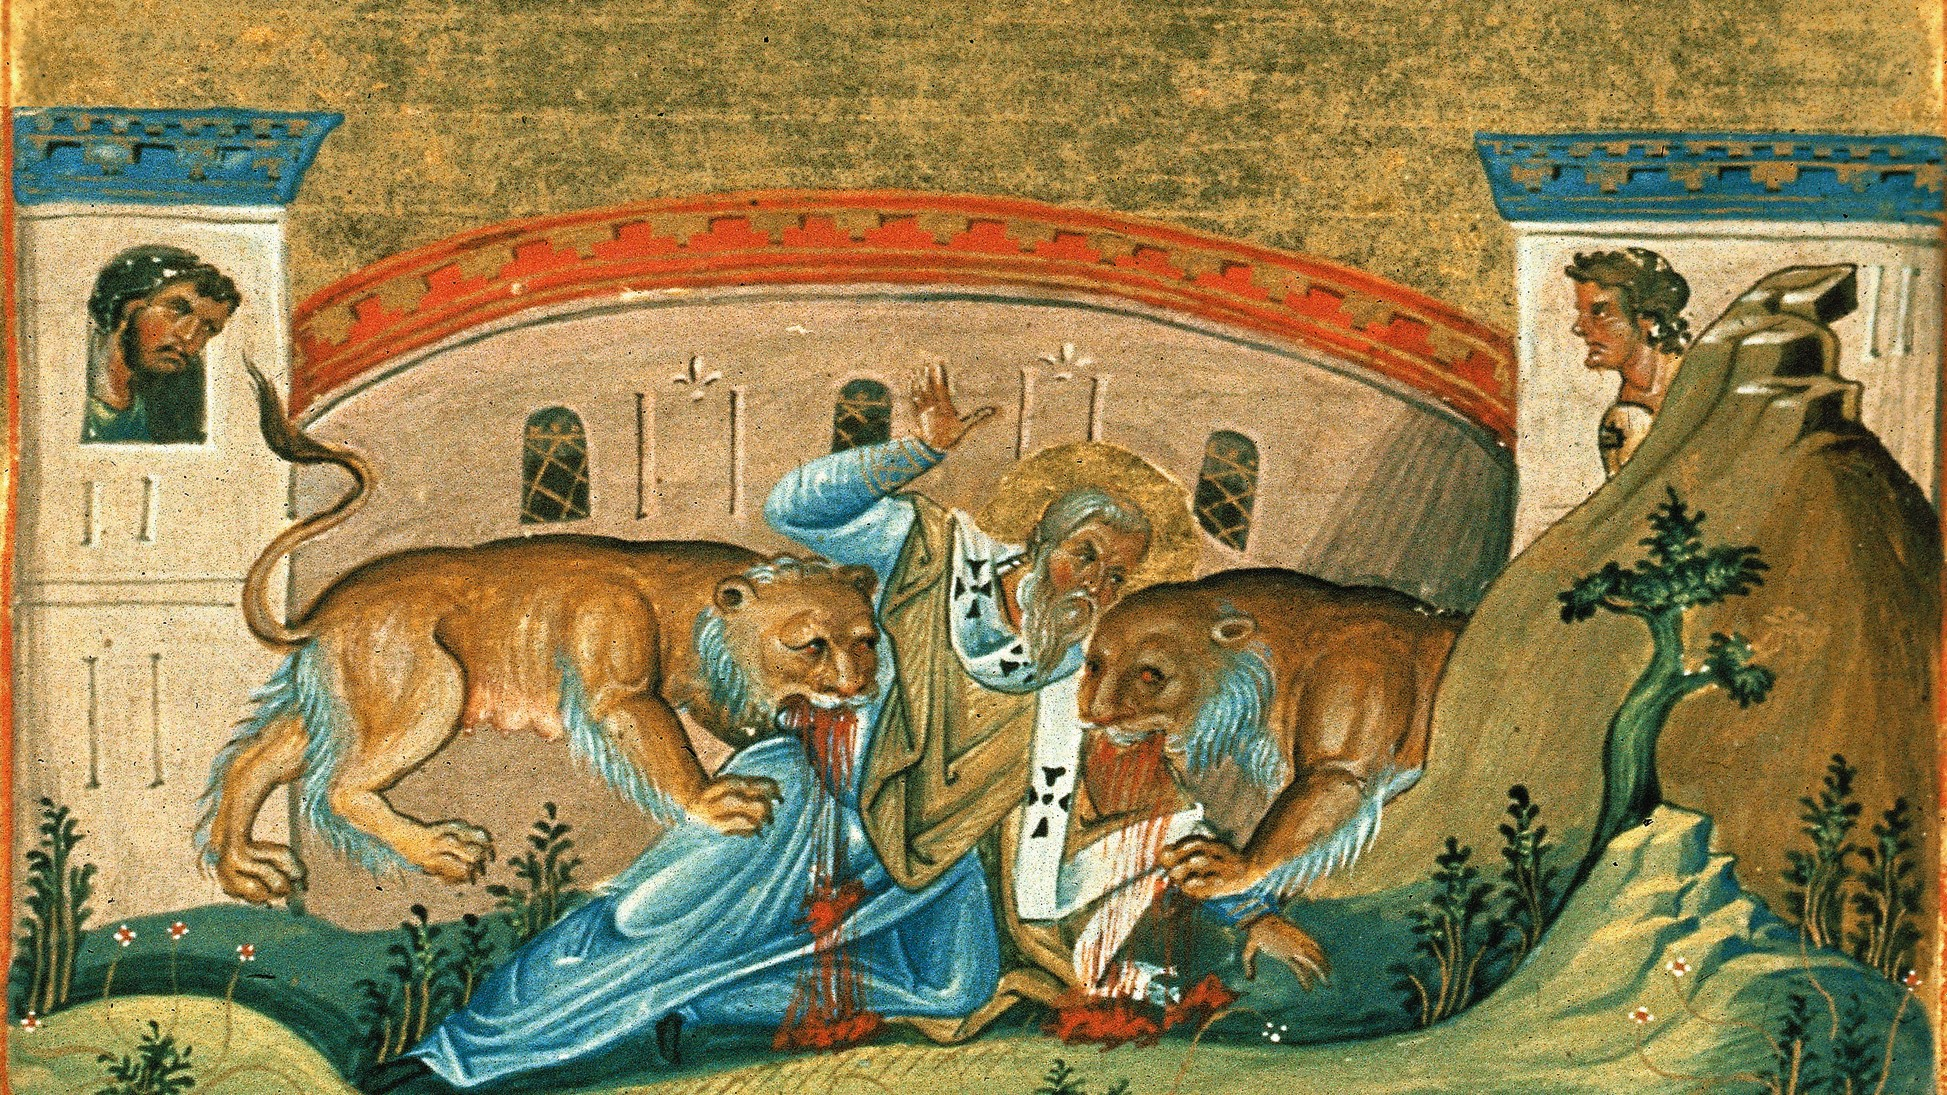 Telling them apart: St. Ignatius of Antioch vs St. Ignatius of Loyola